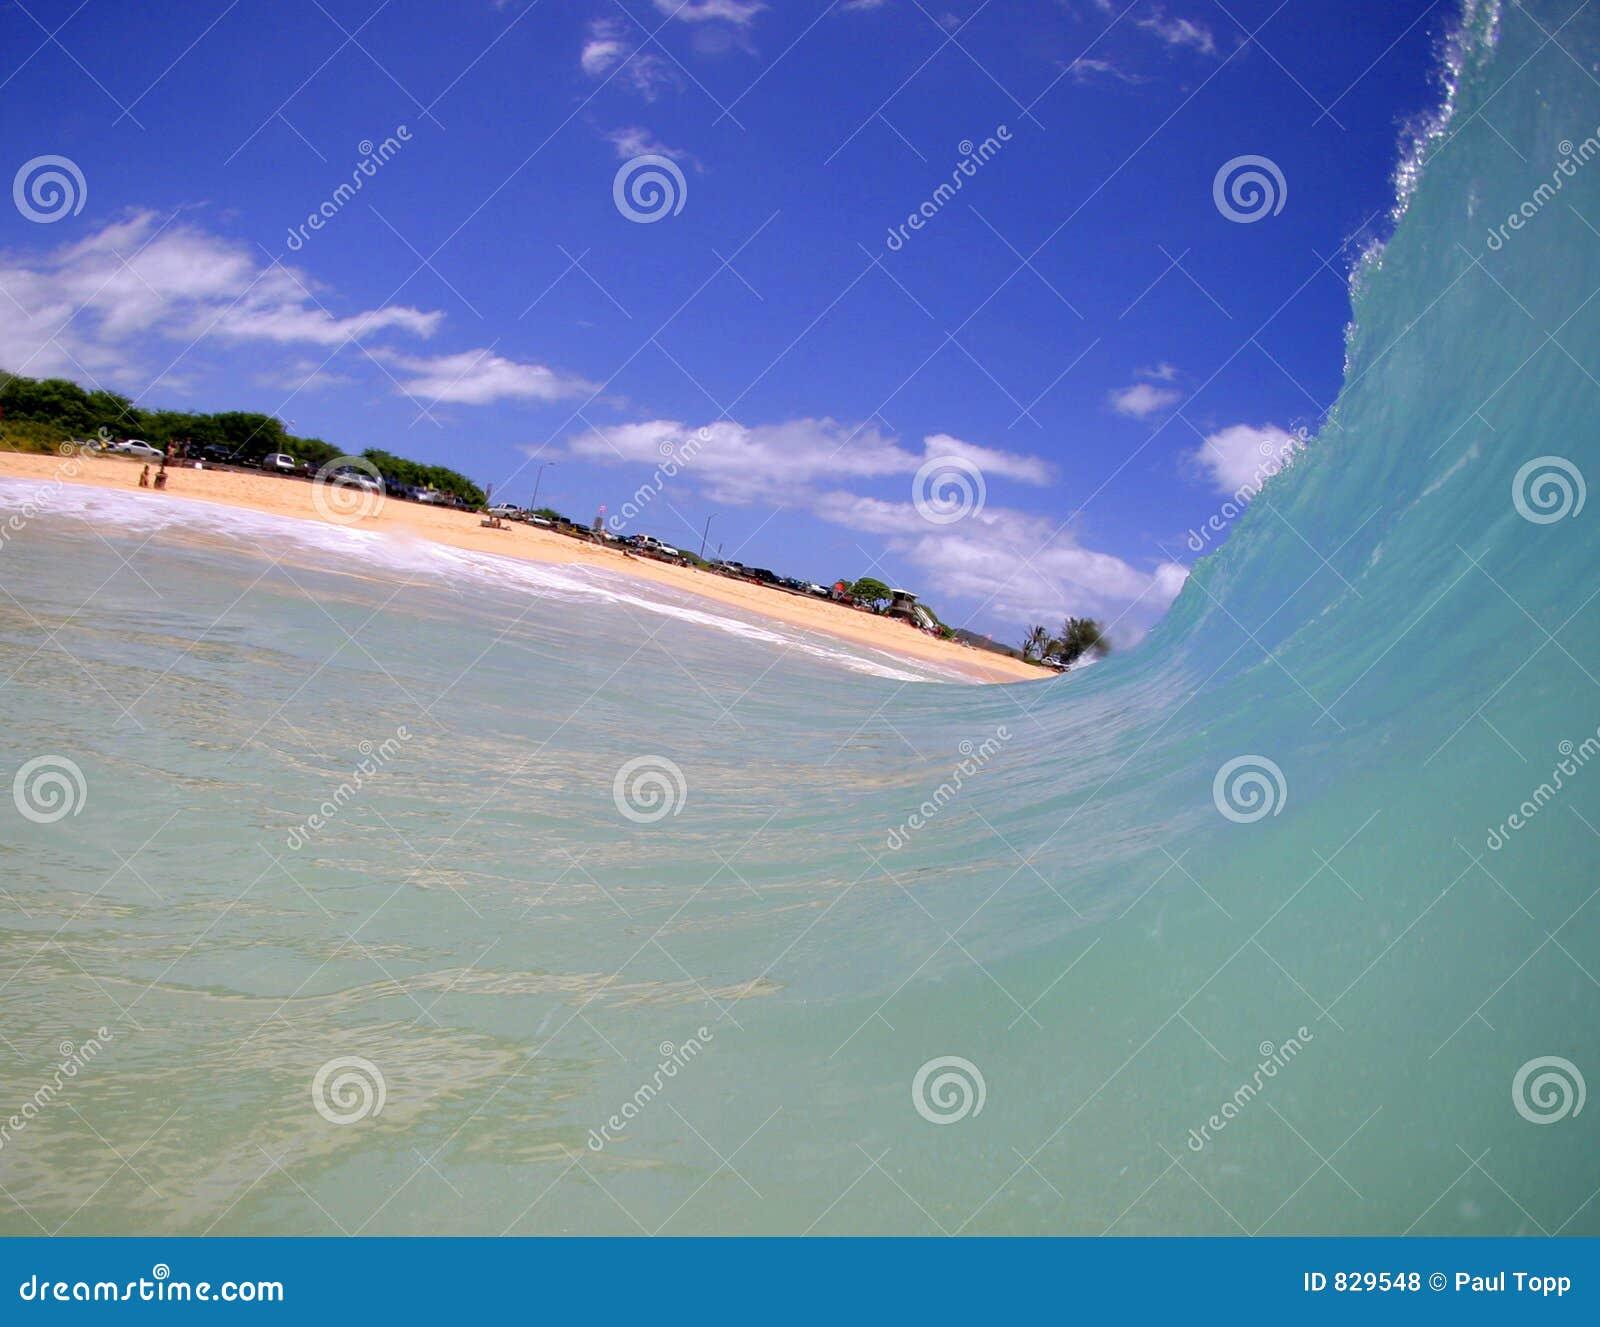 海滩蓝色移动朝水波